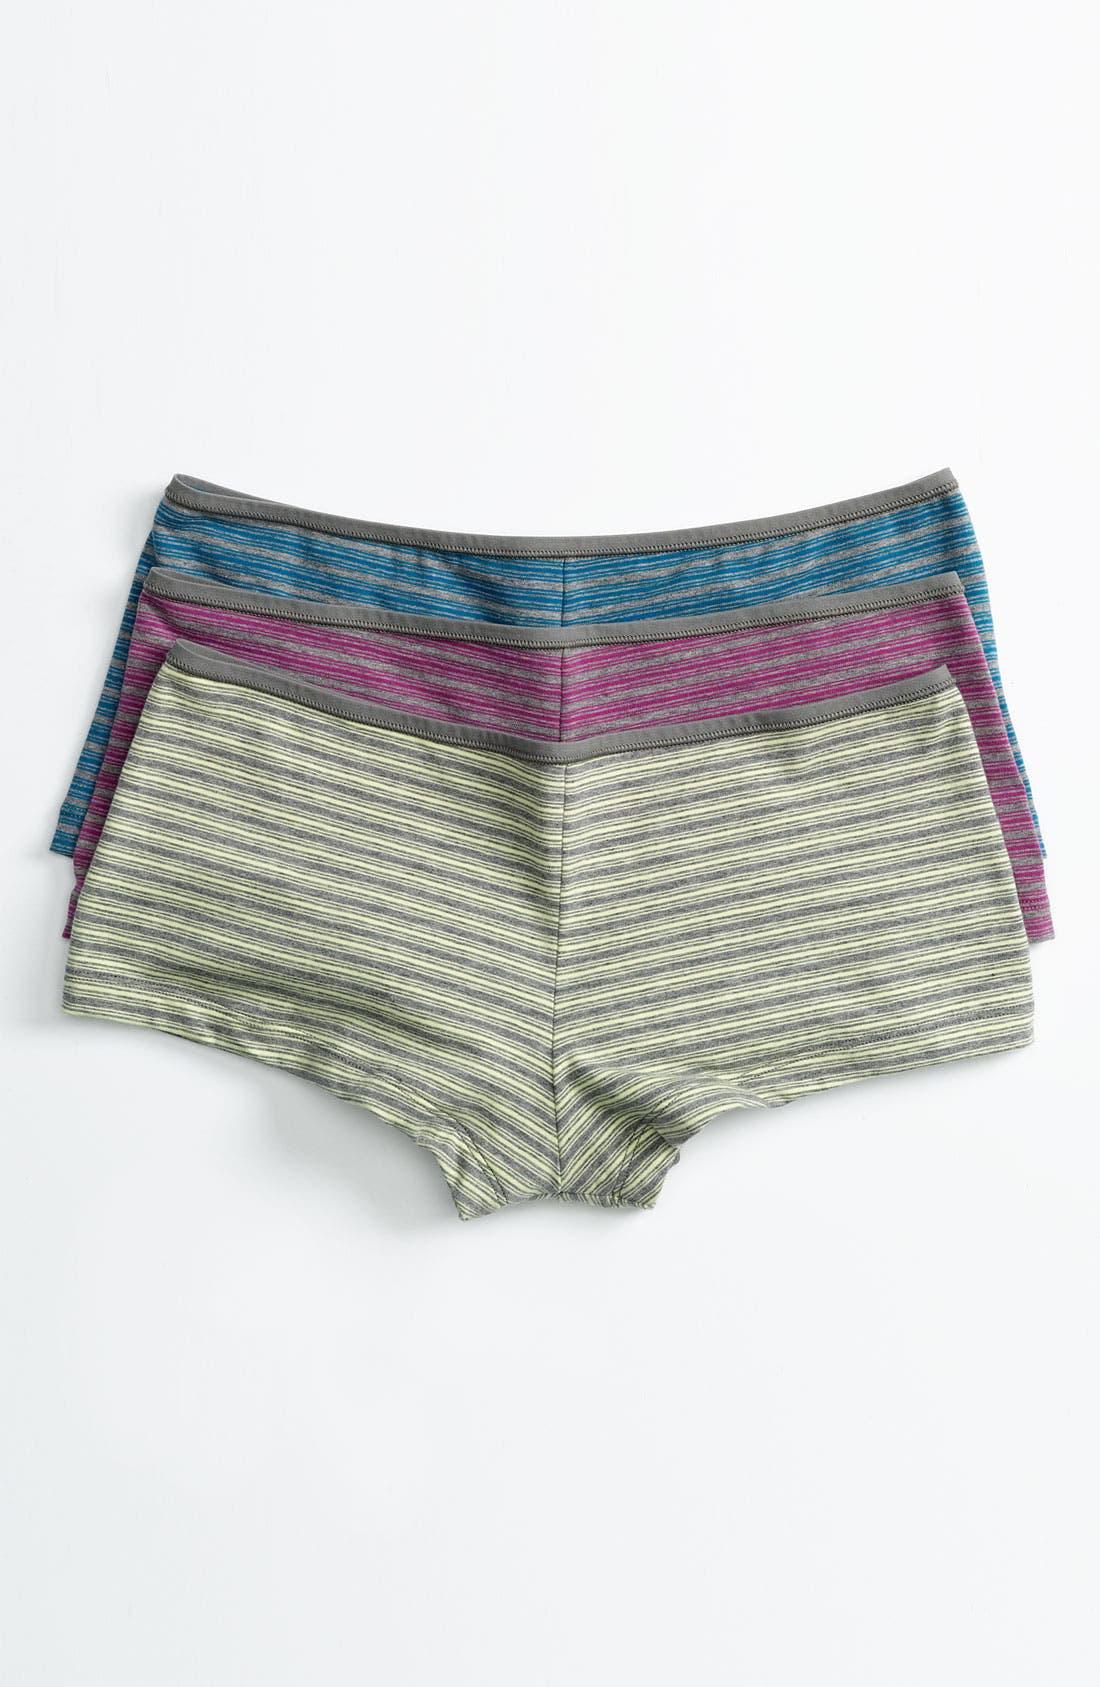 Alternate Image 2  - Shimera Stretch Cotton Boyshorts (4 for $34)